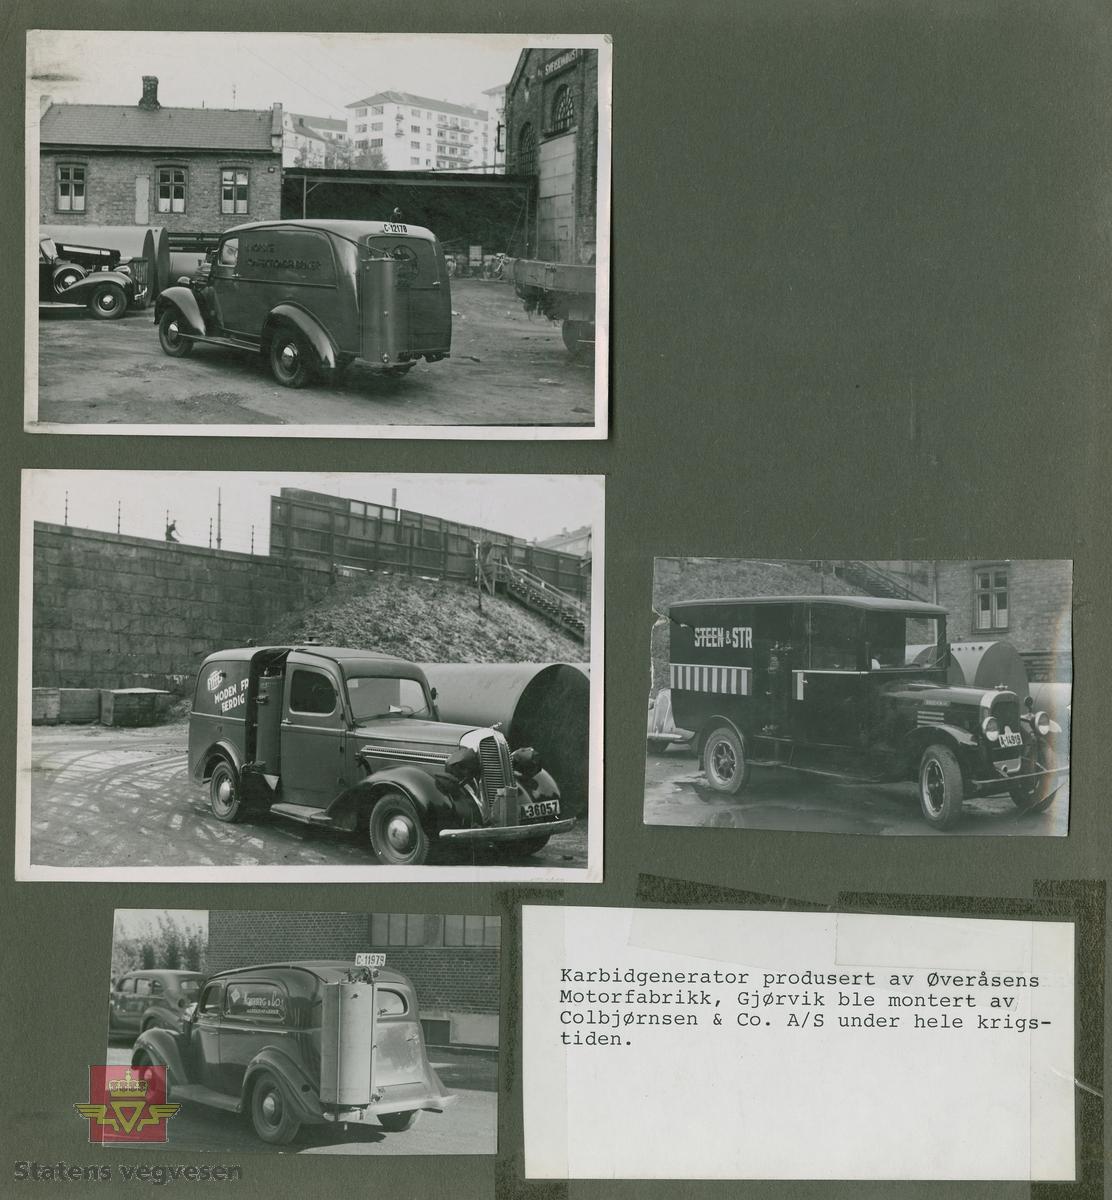 """""""Karbidgenerator produsert av Øveråsens Motorfabrikk, Gjøvik. De ble montert av Colbjørnsens & Co. A/S under hele krigstiden."""" I følge merking i album. På bilen med kjennetegn C-12178 står det skrevet """"A/S Norske Konfektionsfabriker."""" På skiltet øverst på murbygningen står sannsynligvis """"A/S Sveiseindustri.""""   Bilde 1/4 er en Chevrolet med en eldre Chev. baklykt  på taket. 20.08.2016: """"Bilde 1 er en Chevrolet 1939-40 varebil med norskbygd karosseri. """"25.06.2018: Til venstre snuten av en Packard fra sent 1930-tall. Opplysninger fra Ivar Erlend Stav.  Bilde 2/4 er en Dodge 1935-1936 modell. (Strømmenbygd?) Bilde 3/4  er en 1930 modell Brockway. 25.06.2018: Bildet 3 viser snuten av en Plymouth1937. Opplysninger fra Ivar Erlend Stav. Bilde 4/4 er en Ford fra 1937-1938 modell."""" 25.06.2018:  """"Ford 1938, siden det var første år med langsgående blanklist hos Ford. Karosseriet er originalt amerikansk varebilkarosseri på personbilchassis (""""sedan delivery"""" - i motsetning til et mer grovbygd varekarosseri på lett lastebilchassis og lastebilfront, kalt """"panel delivery"""". Opplysninger fra Ivar Erlend Stav.   17.08.2016: Opplysninger til kjøretøyene på bildet v/tidligere daglig leder John Hindklev ved Norsk Kjøretøyhistorisk Museum.   """"Under andre verdenskrig besto virksomheten til firmaet Colbjørnsen stort sett av å montere og vedlikeholde karbidgeneratorer fra Øveråsen. Legg merke til hvordan man felte generatorene inn i varebilkarosseriene. Reklameteksten  ble delvis borte."""" Sitat fra boka: """"Familiefirmaet-utenom allfarvei/2000 årsboken."""" Colbjørnsen & Co A/S, av Bjørn Ausjen Johannessen."""